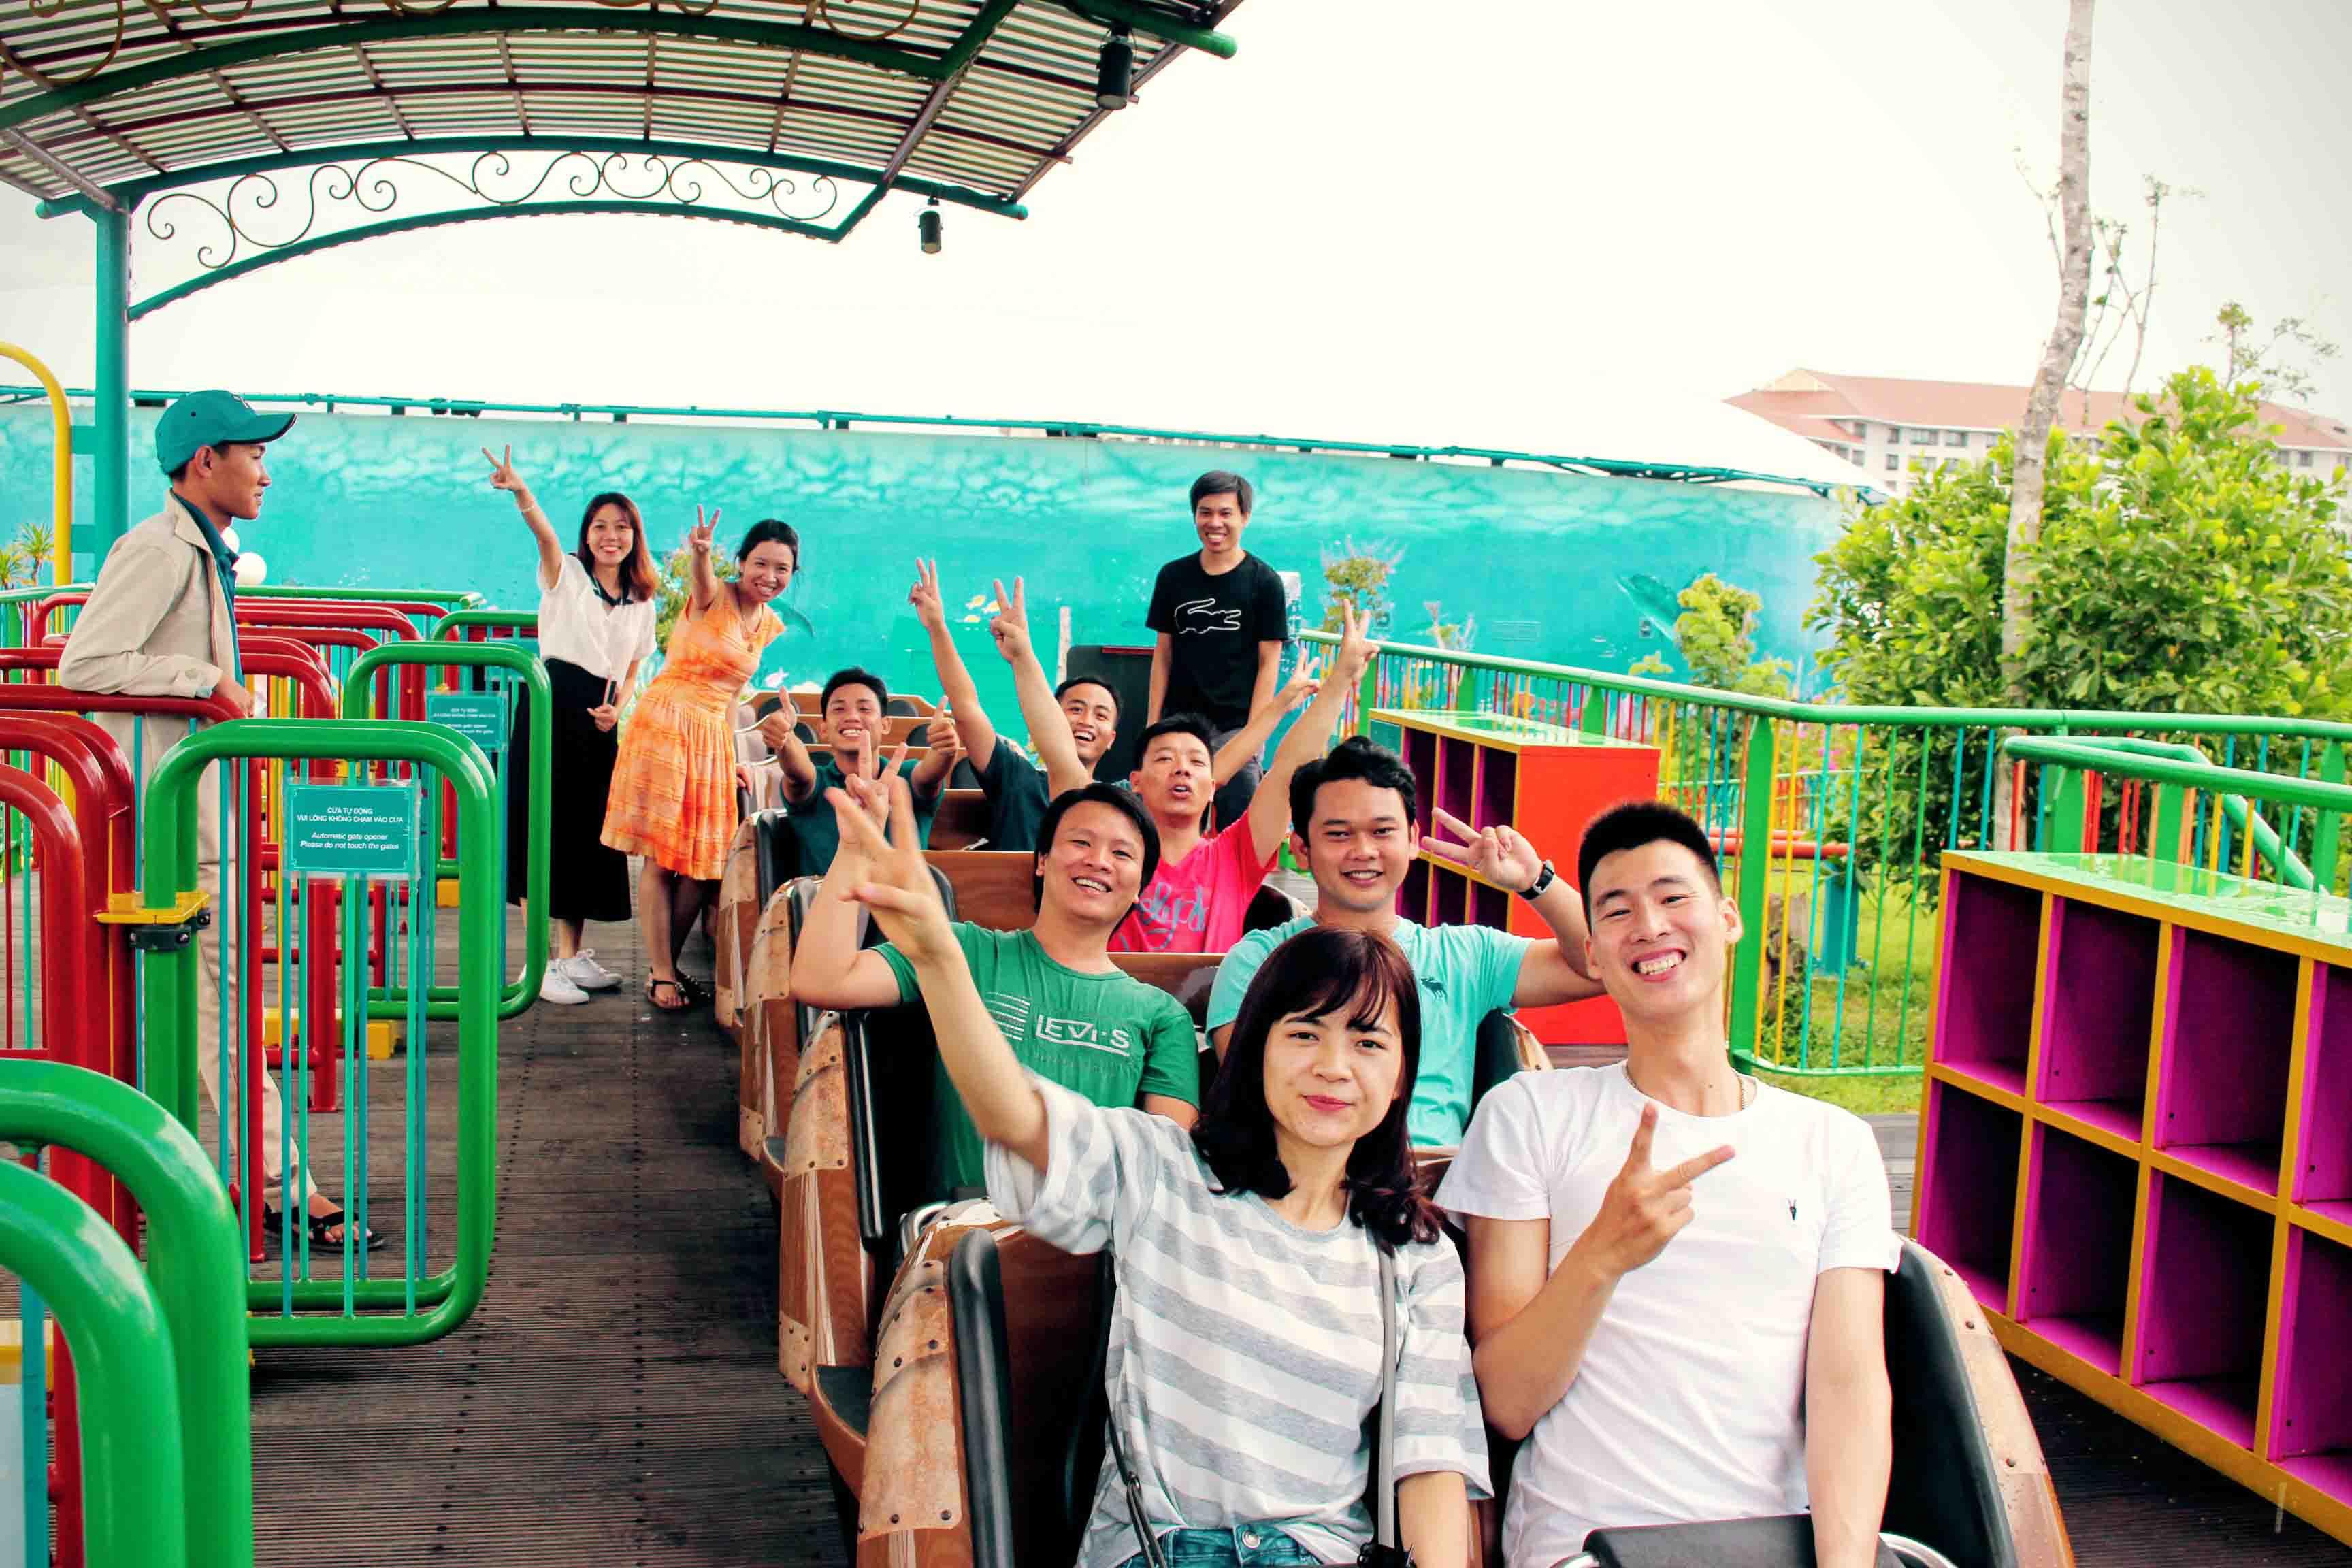 Hạo Phương du lịch nghỉ dưỡng tại Vinpearl Phú Quốc, ảnh 18